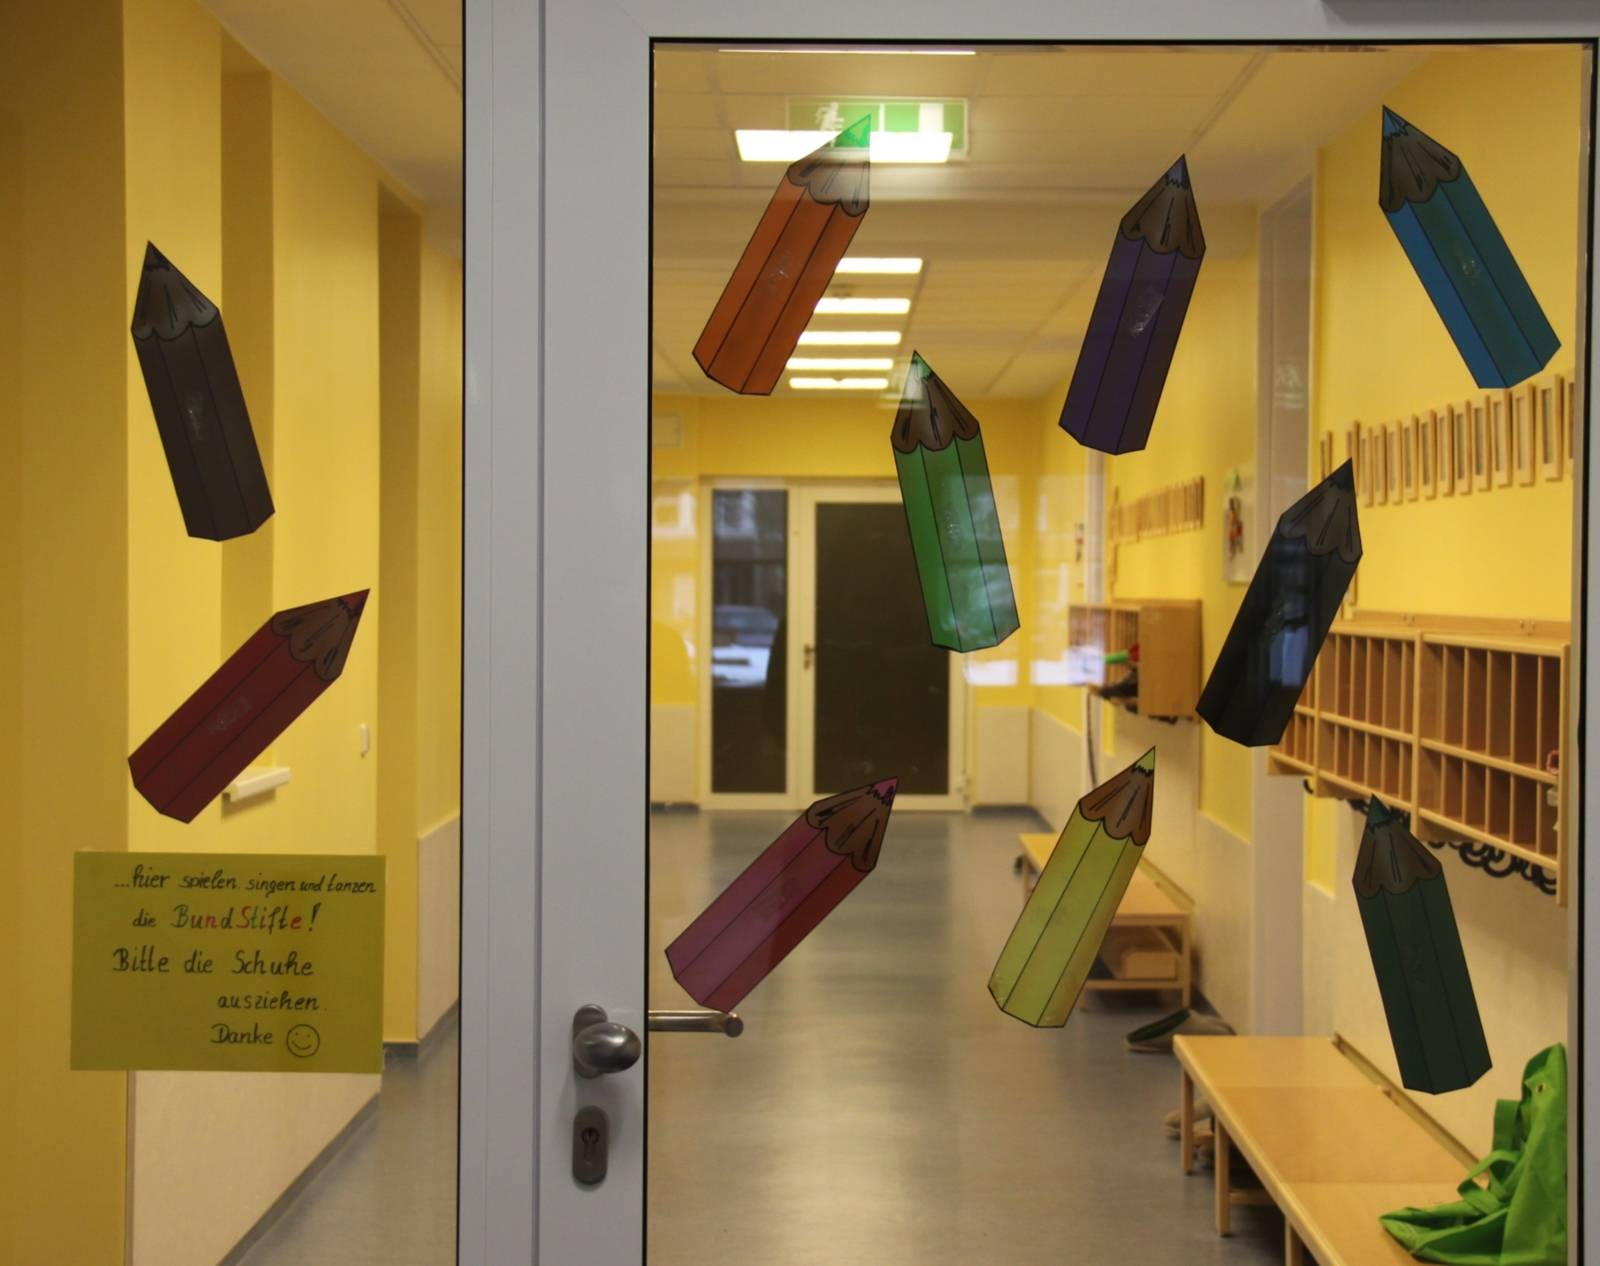 Das Foto zeigt eine Glastür mit grauem Metallrahmen. Das Glas der Tür ist mit mehreren Aufklebern in Form von verschiedenfarbigen Buntstiften beklebt. Hinter der Tür sieht man einen langen Flur, dessen Wände gelb gestrichen sind. An der rechten Wand sind einige Regale angebracht und es stehen niedrige Bänke direkt an der Wand.